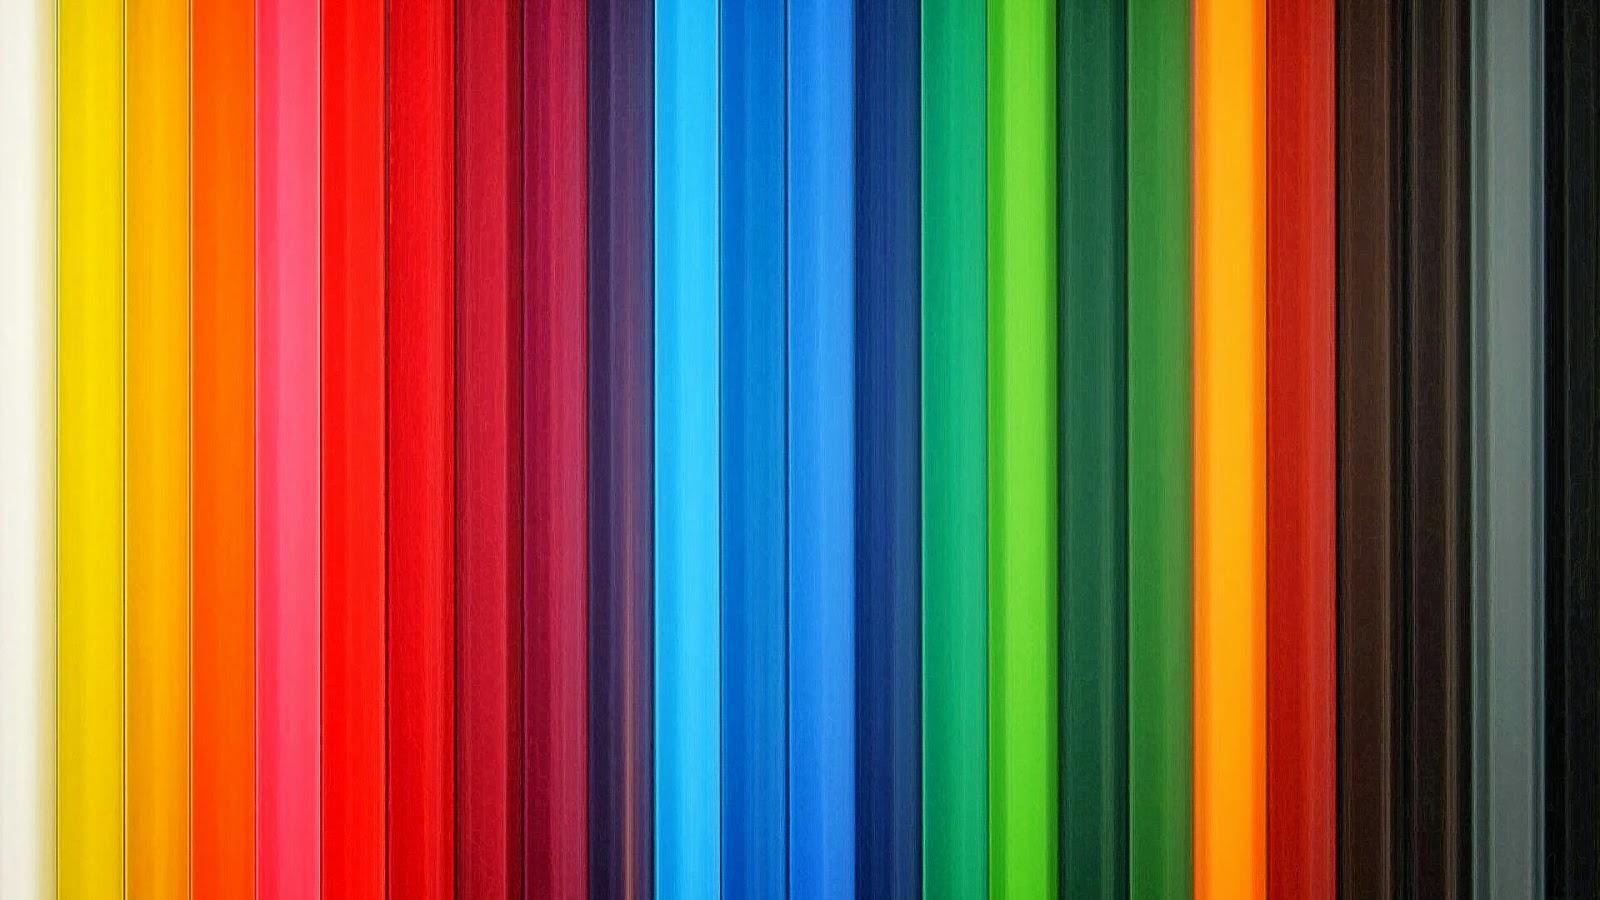 Fondo De Pantalla Abstracto Barras De Colores: Fondo De Pantalla Barras De Colores